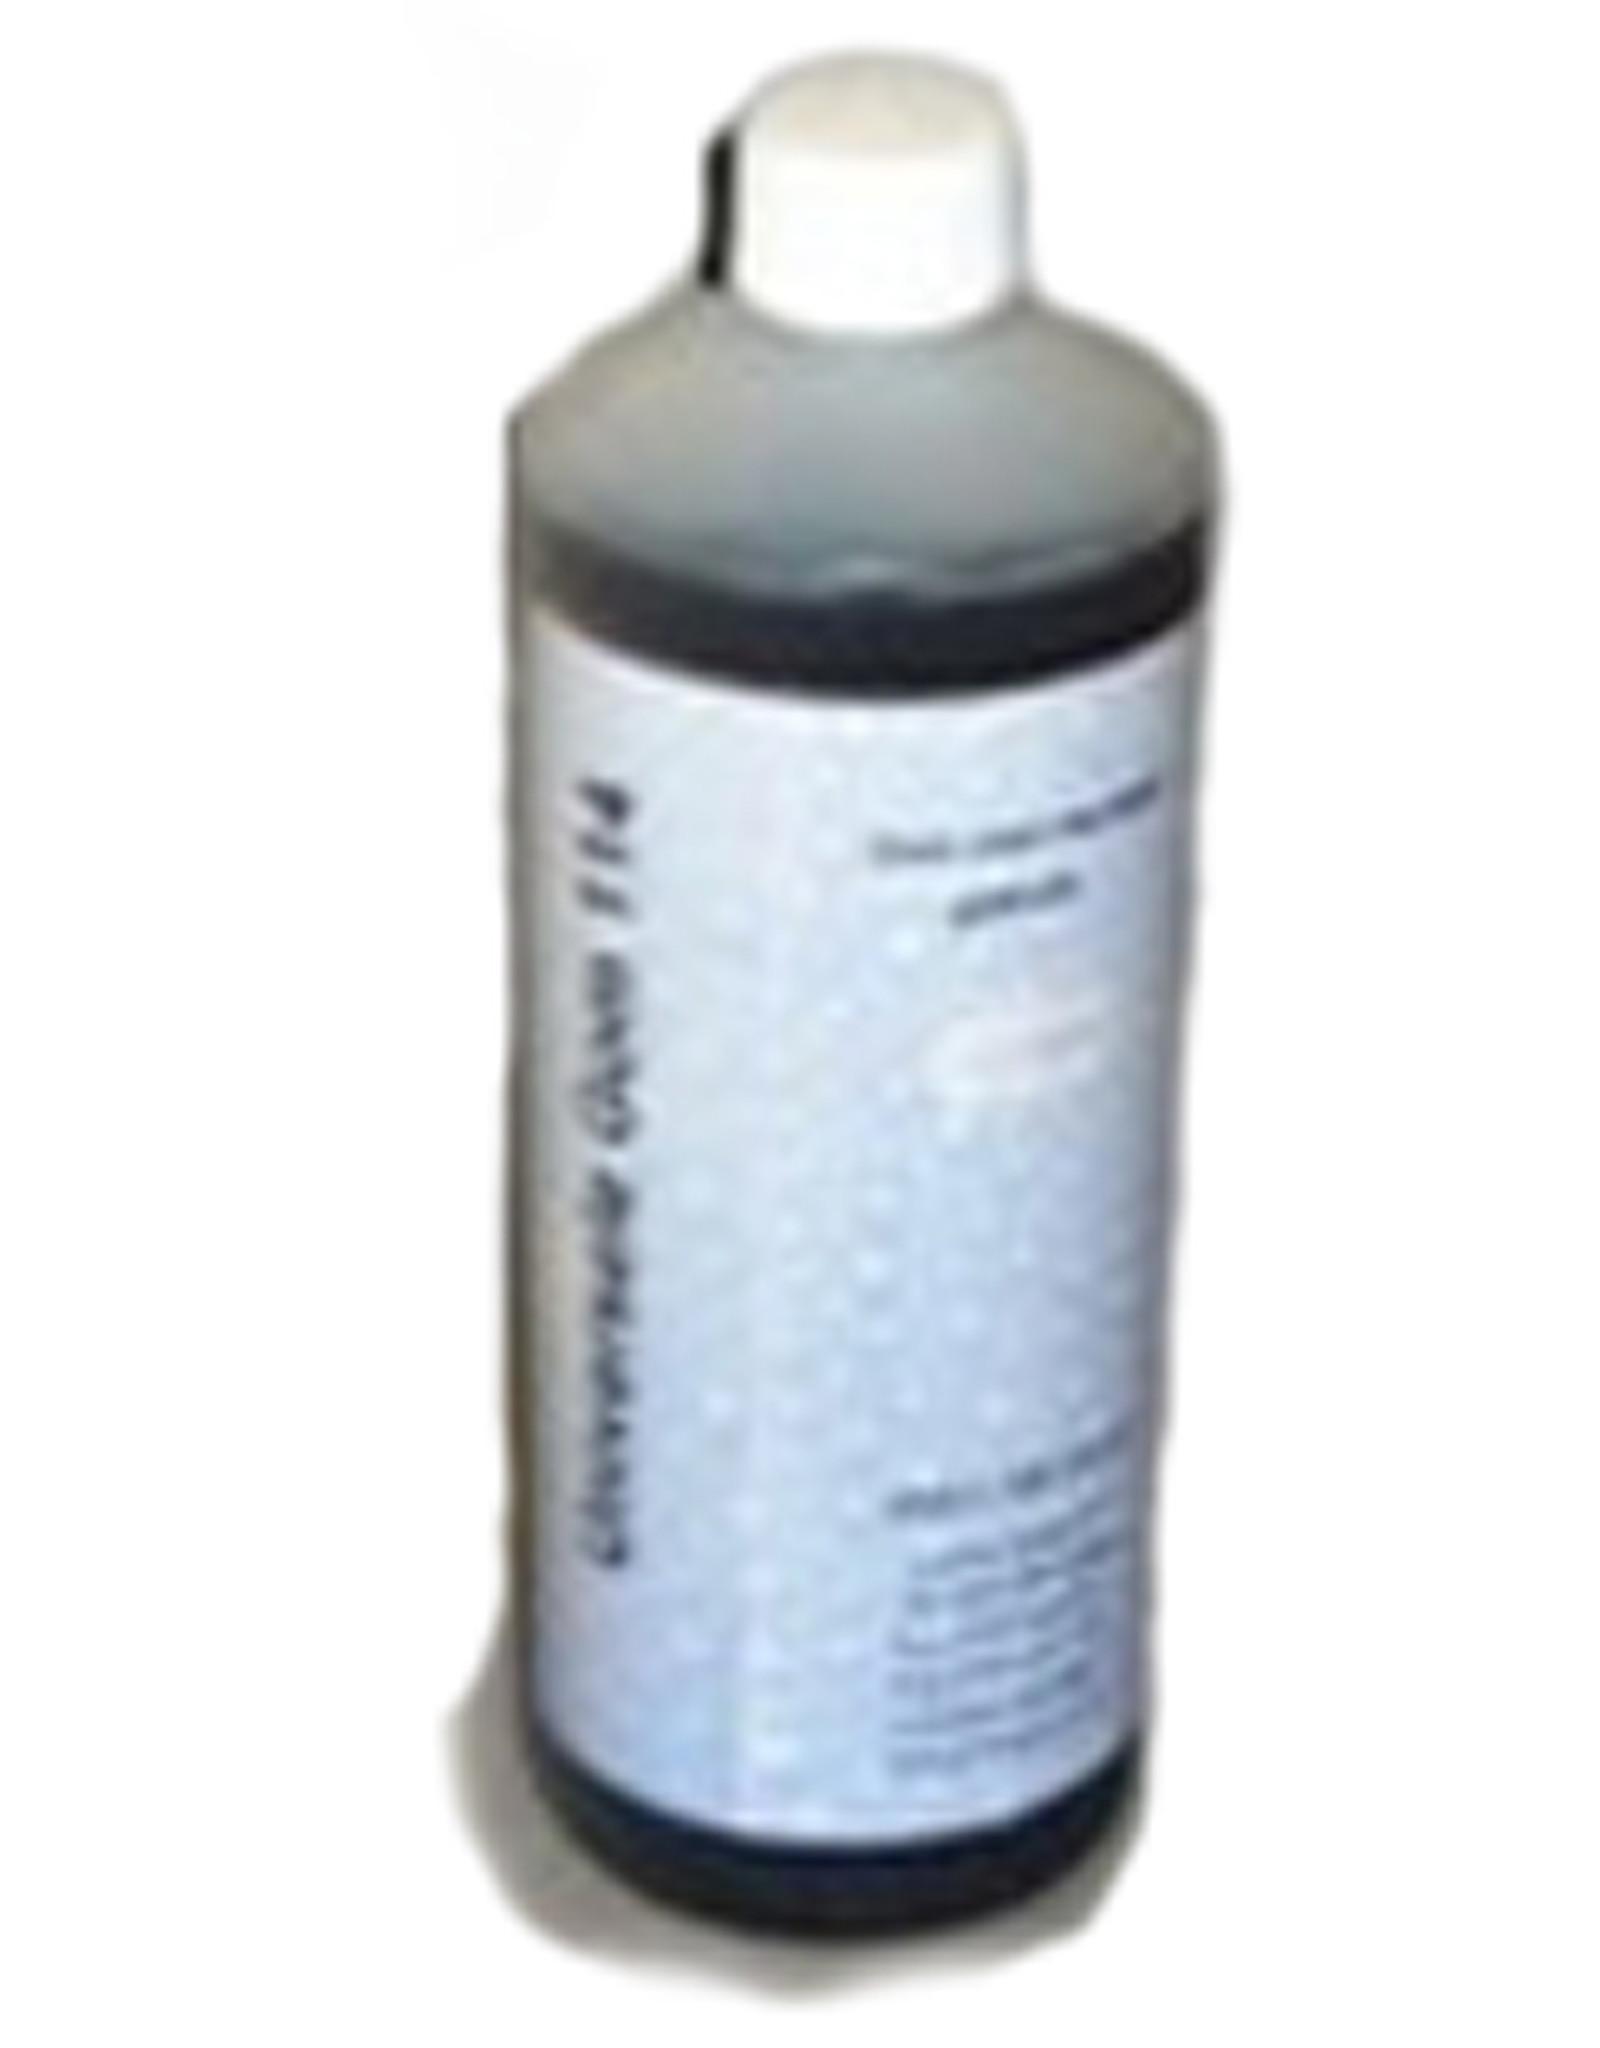 Arabische gom vloeibaar (14 gram Beaum) 1 liter flacon. Top kwaliteit. Let op imitatie-arabische gom is voor lithografie niet geschikt!